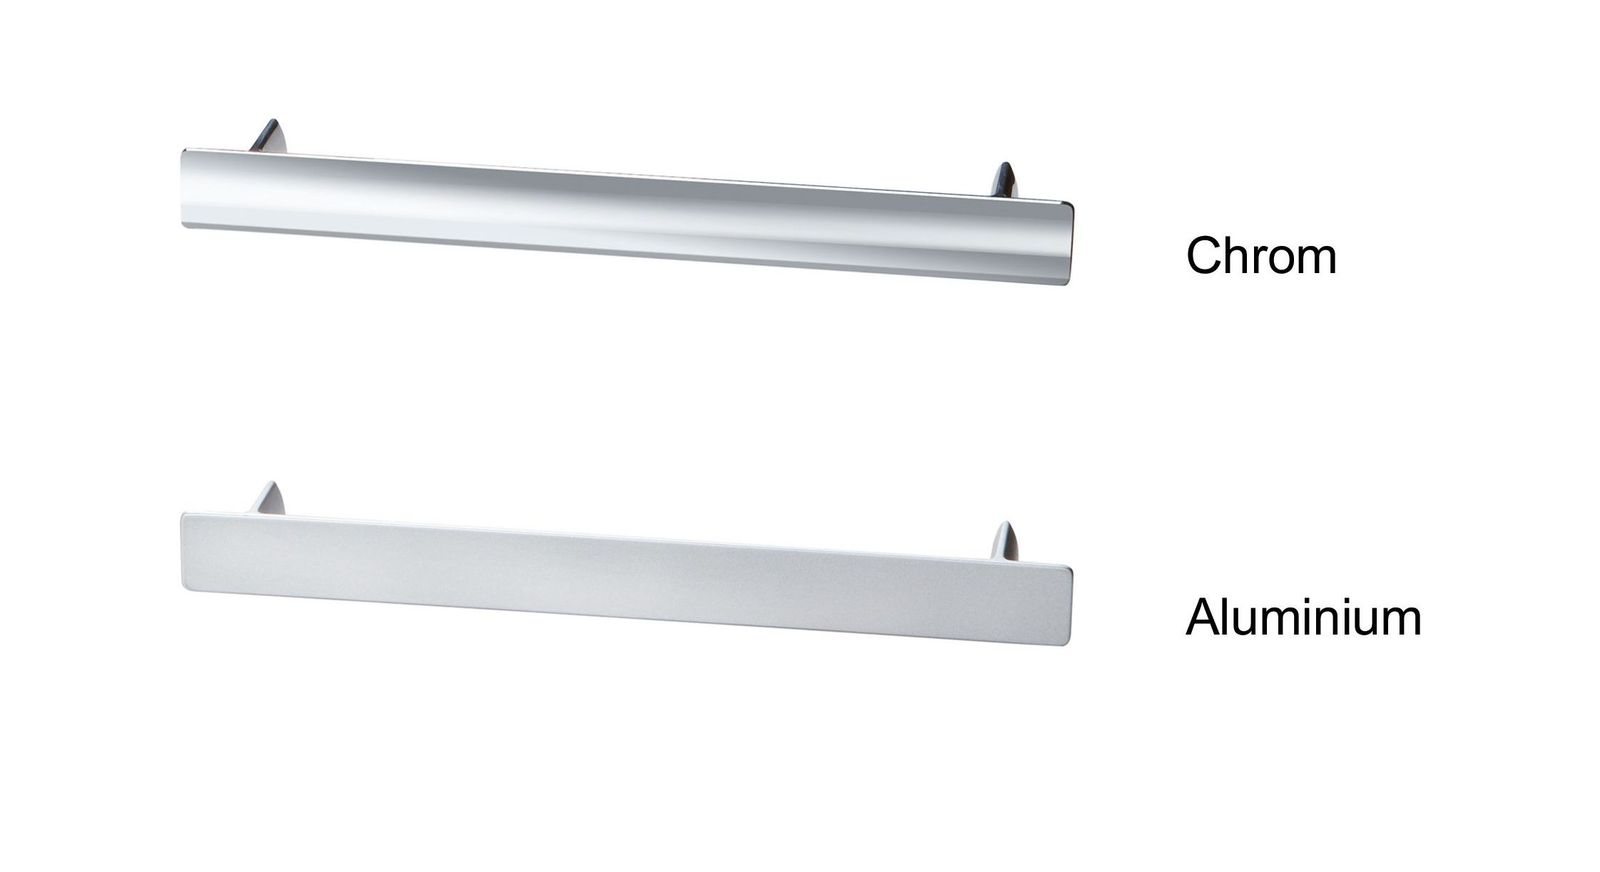 Übersicht der Kommodengriffe in Chrom und Aluminium